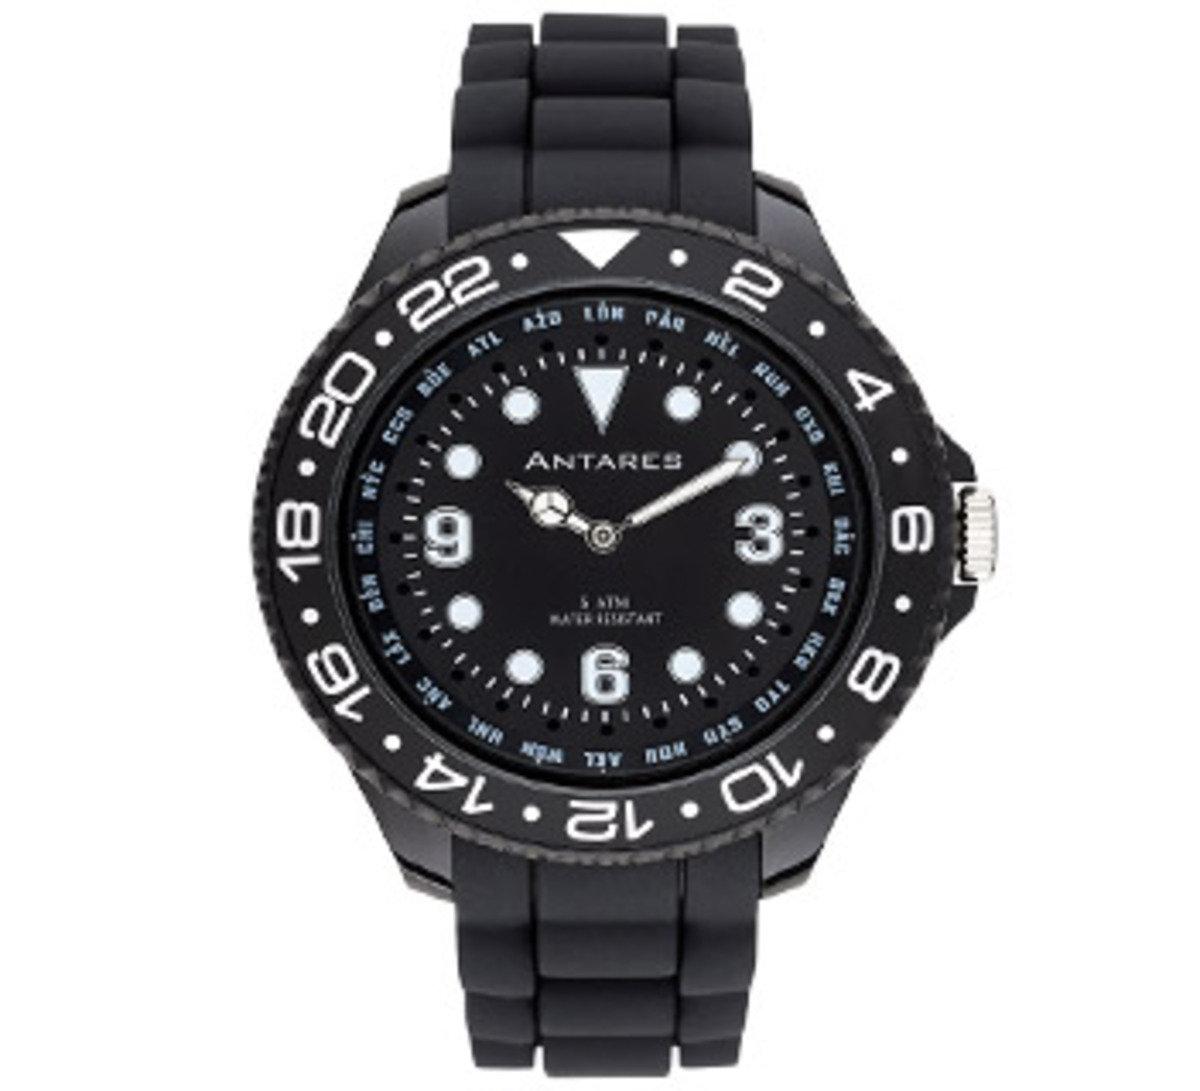 糖果色世界時間手錶 - 黑